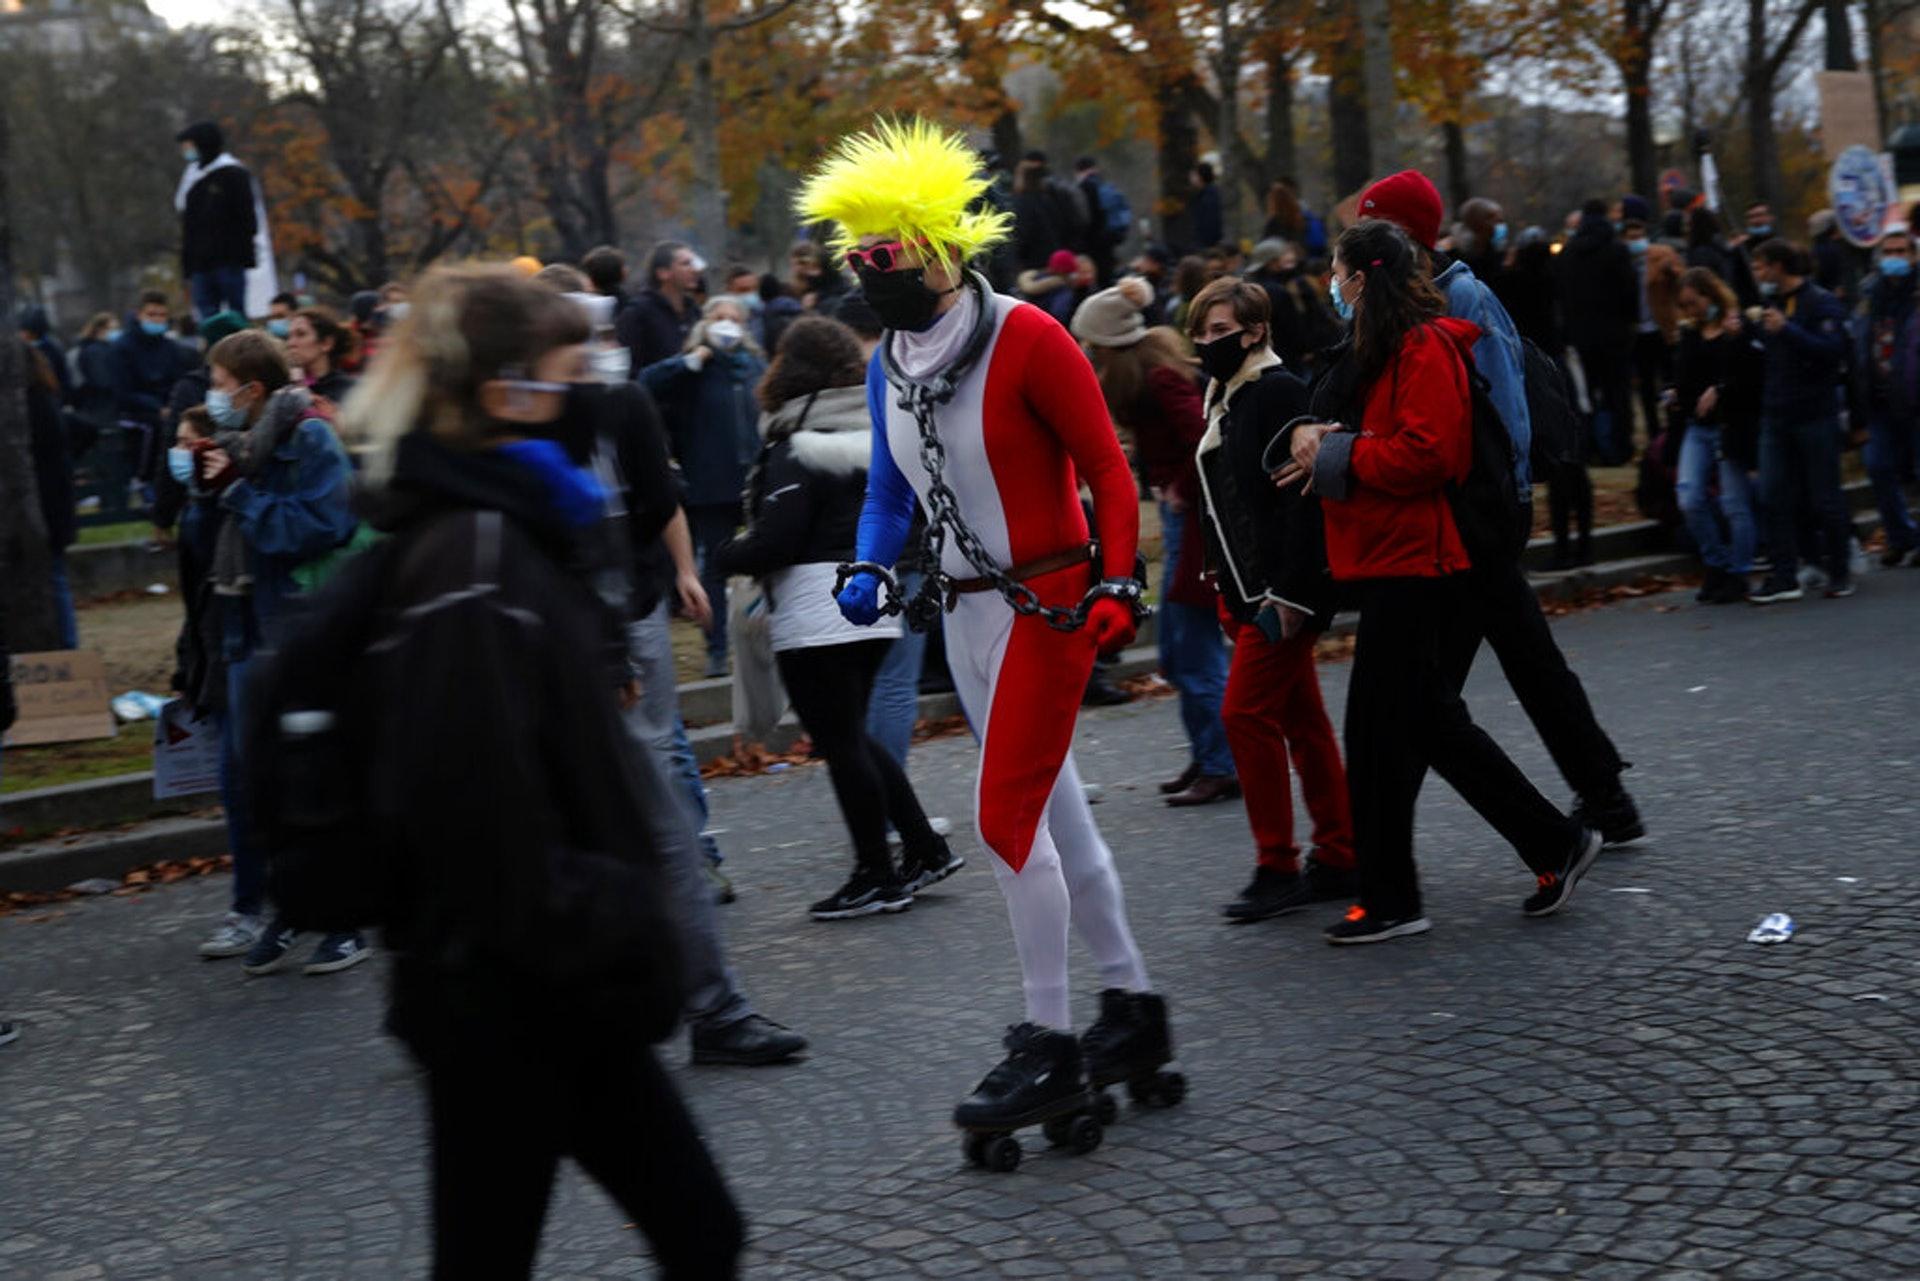 法國示威:巴黎民眾11月21日上街示威,圖為一名穿着奇特的抗議人士身處示威現場。(AP)